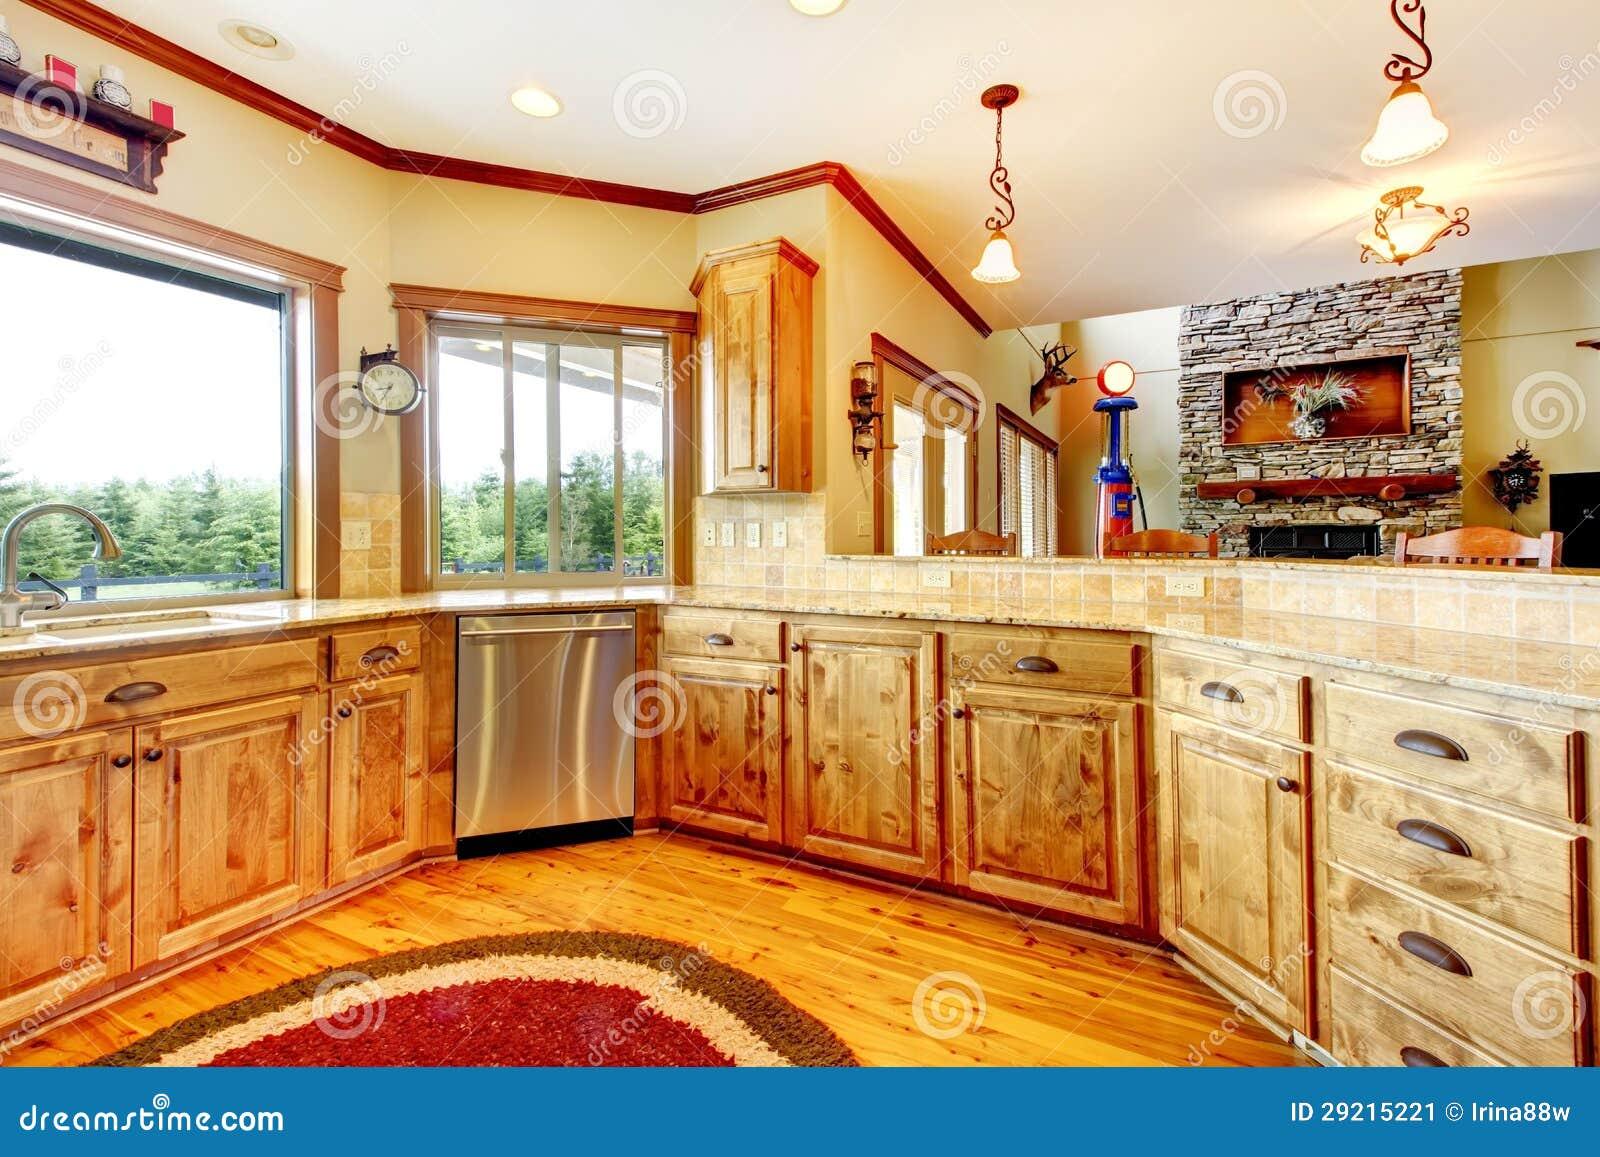 Int rieur la maison de luxe en bois de cuisine maison neuve d 39 am ricain de ferme image stock for Interieur maison americaine